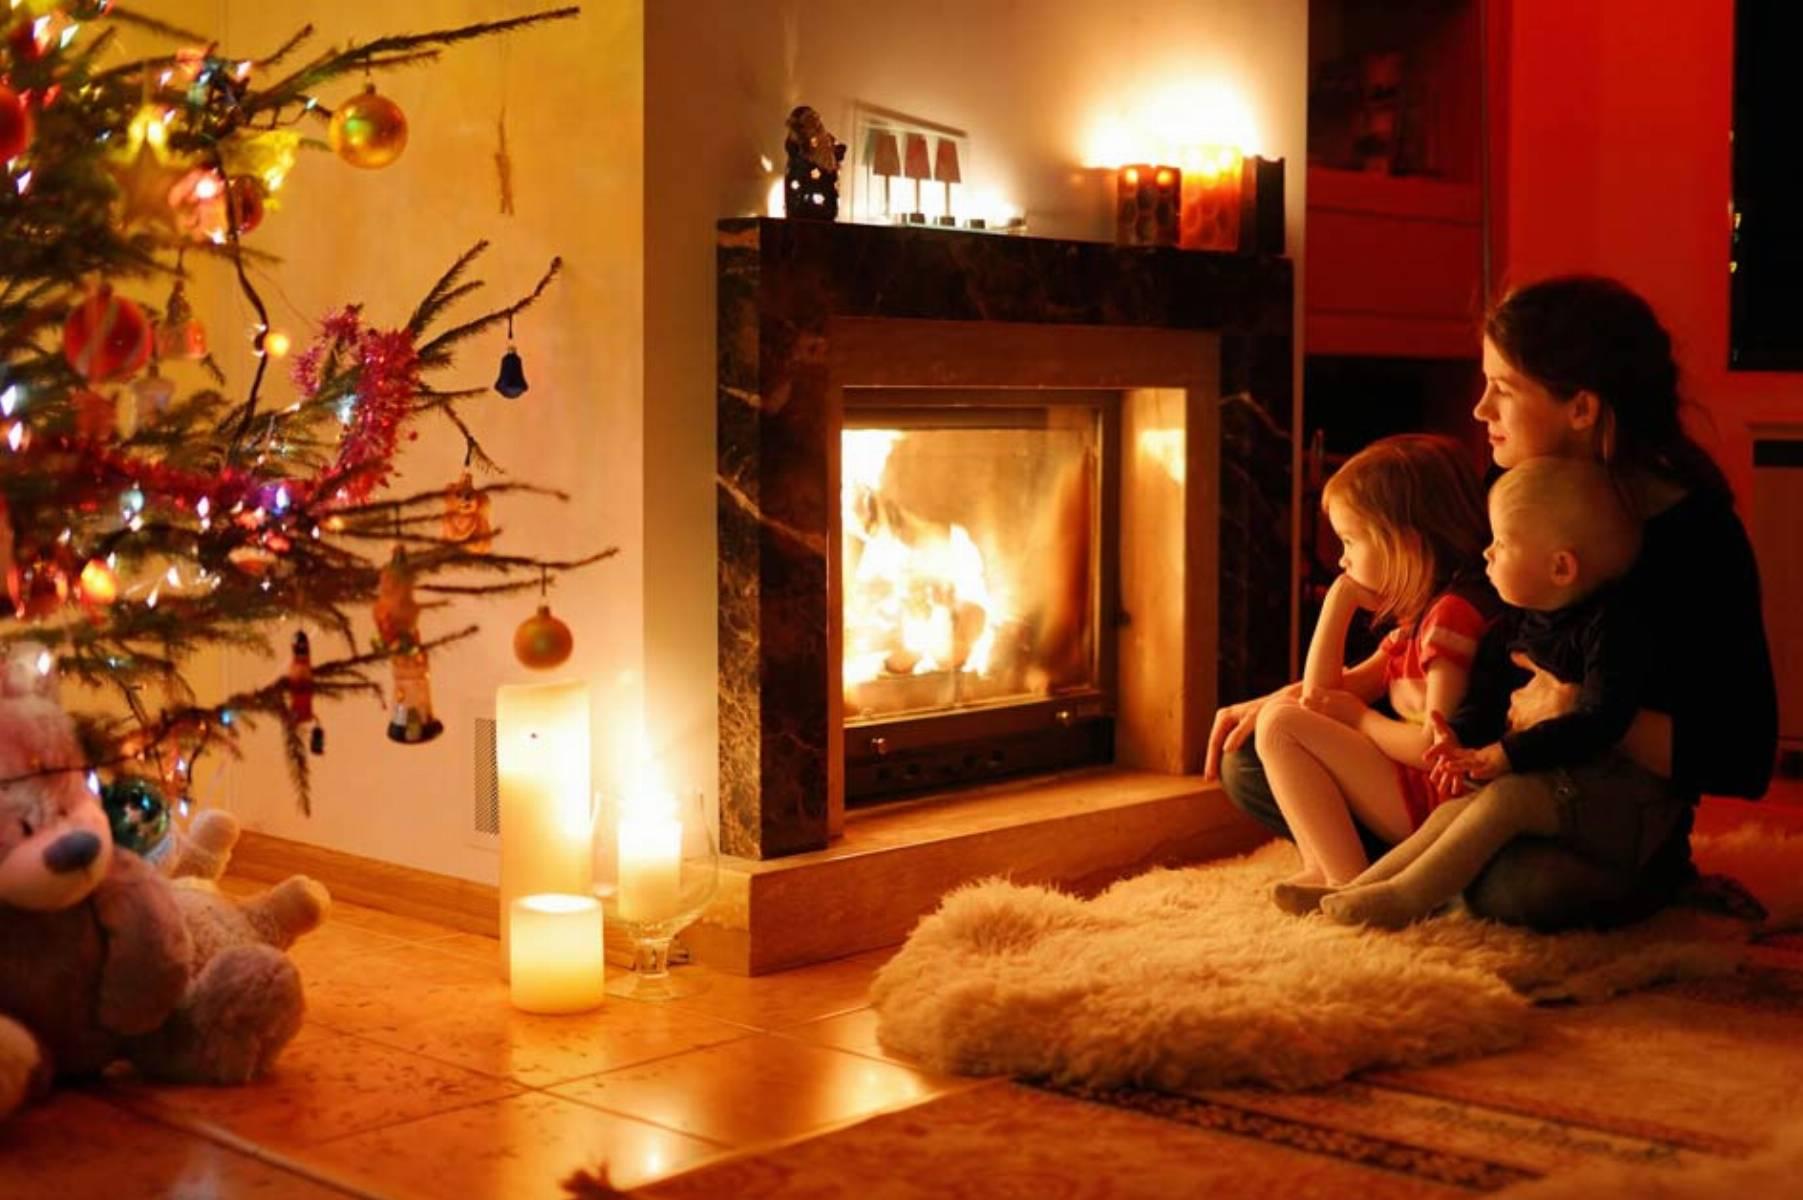 kominek-inspiracja-do-swiatecznej-dekoracji-wnetrza-1-domifikacje